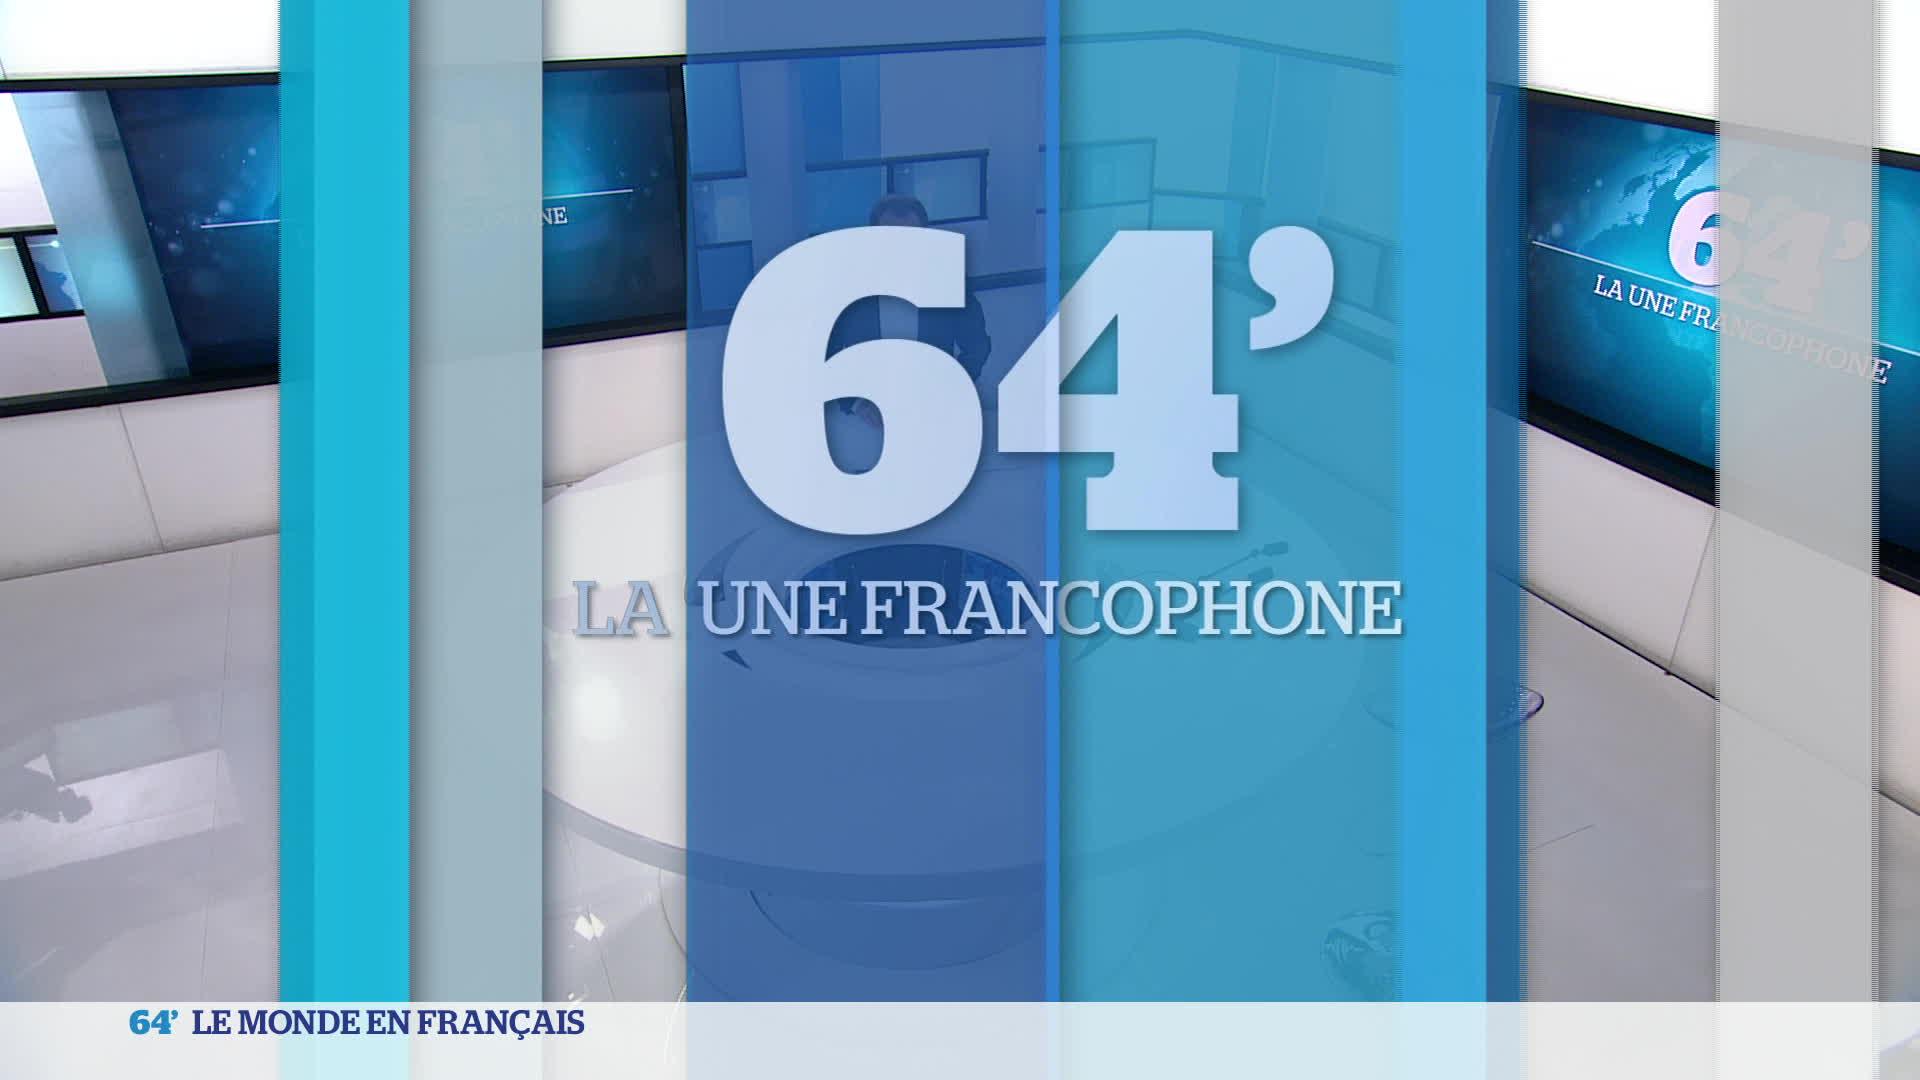 La Une francophone